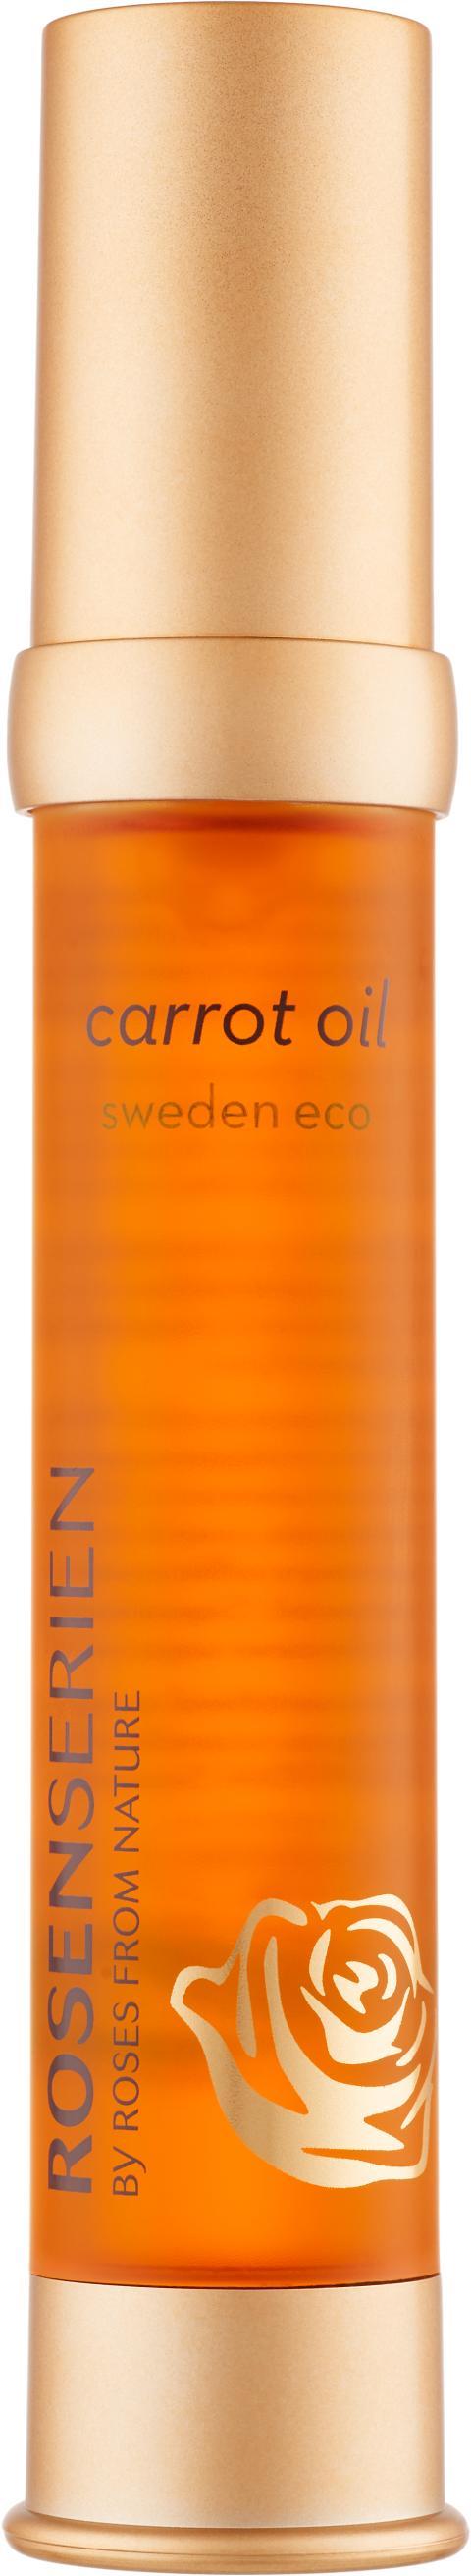 Rosenseriens carrot oil